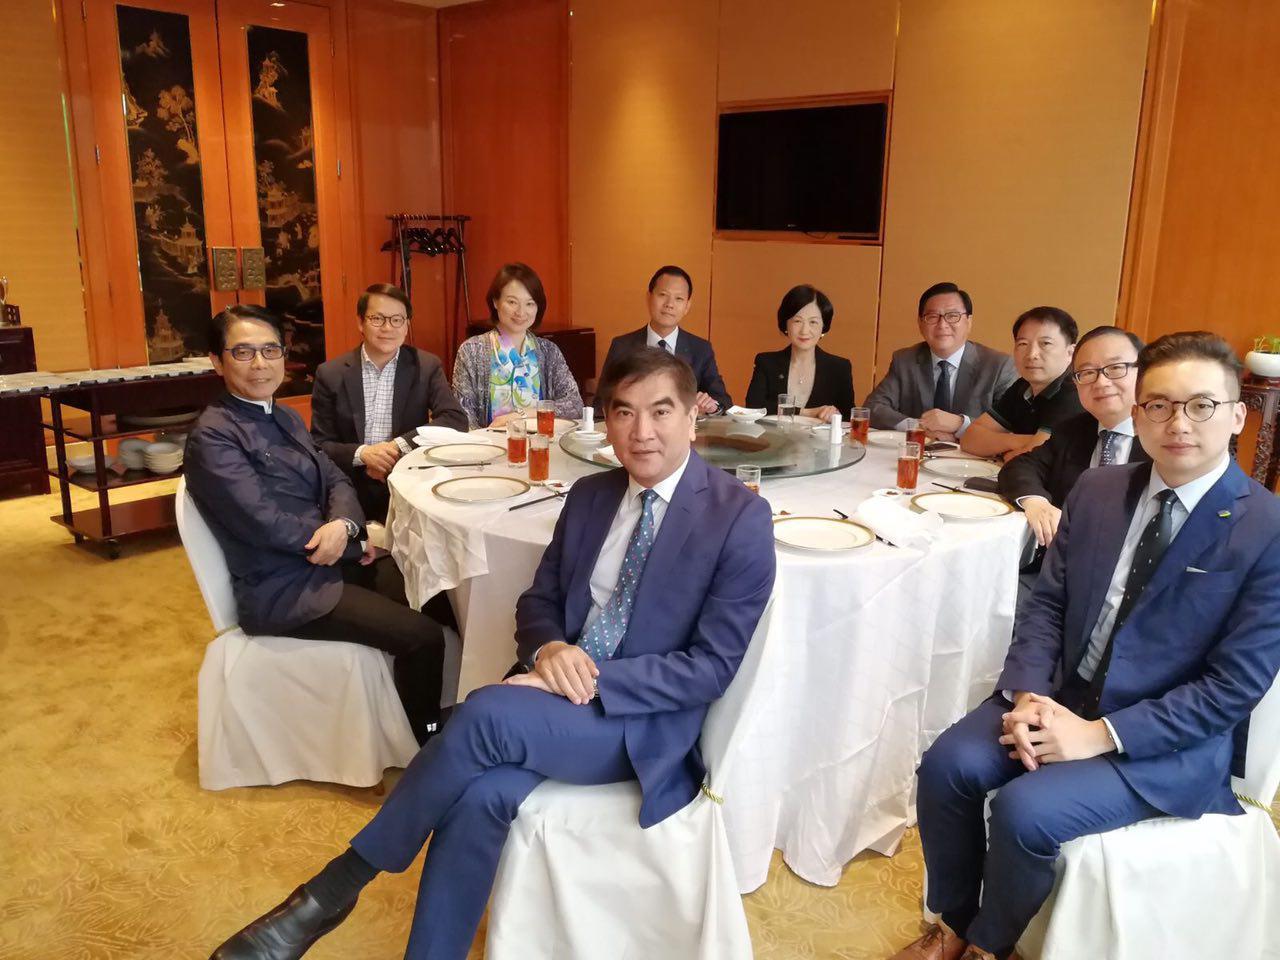 民主派和建制派議員昨日舉行首次飯局,有10人出席,交換各自對不同政策的看法,雙方皆認為氣氛良好。(與會議員提供)